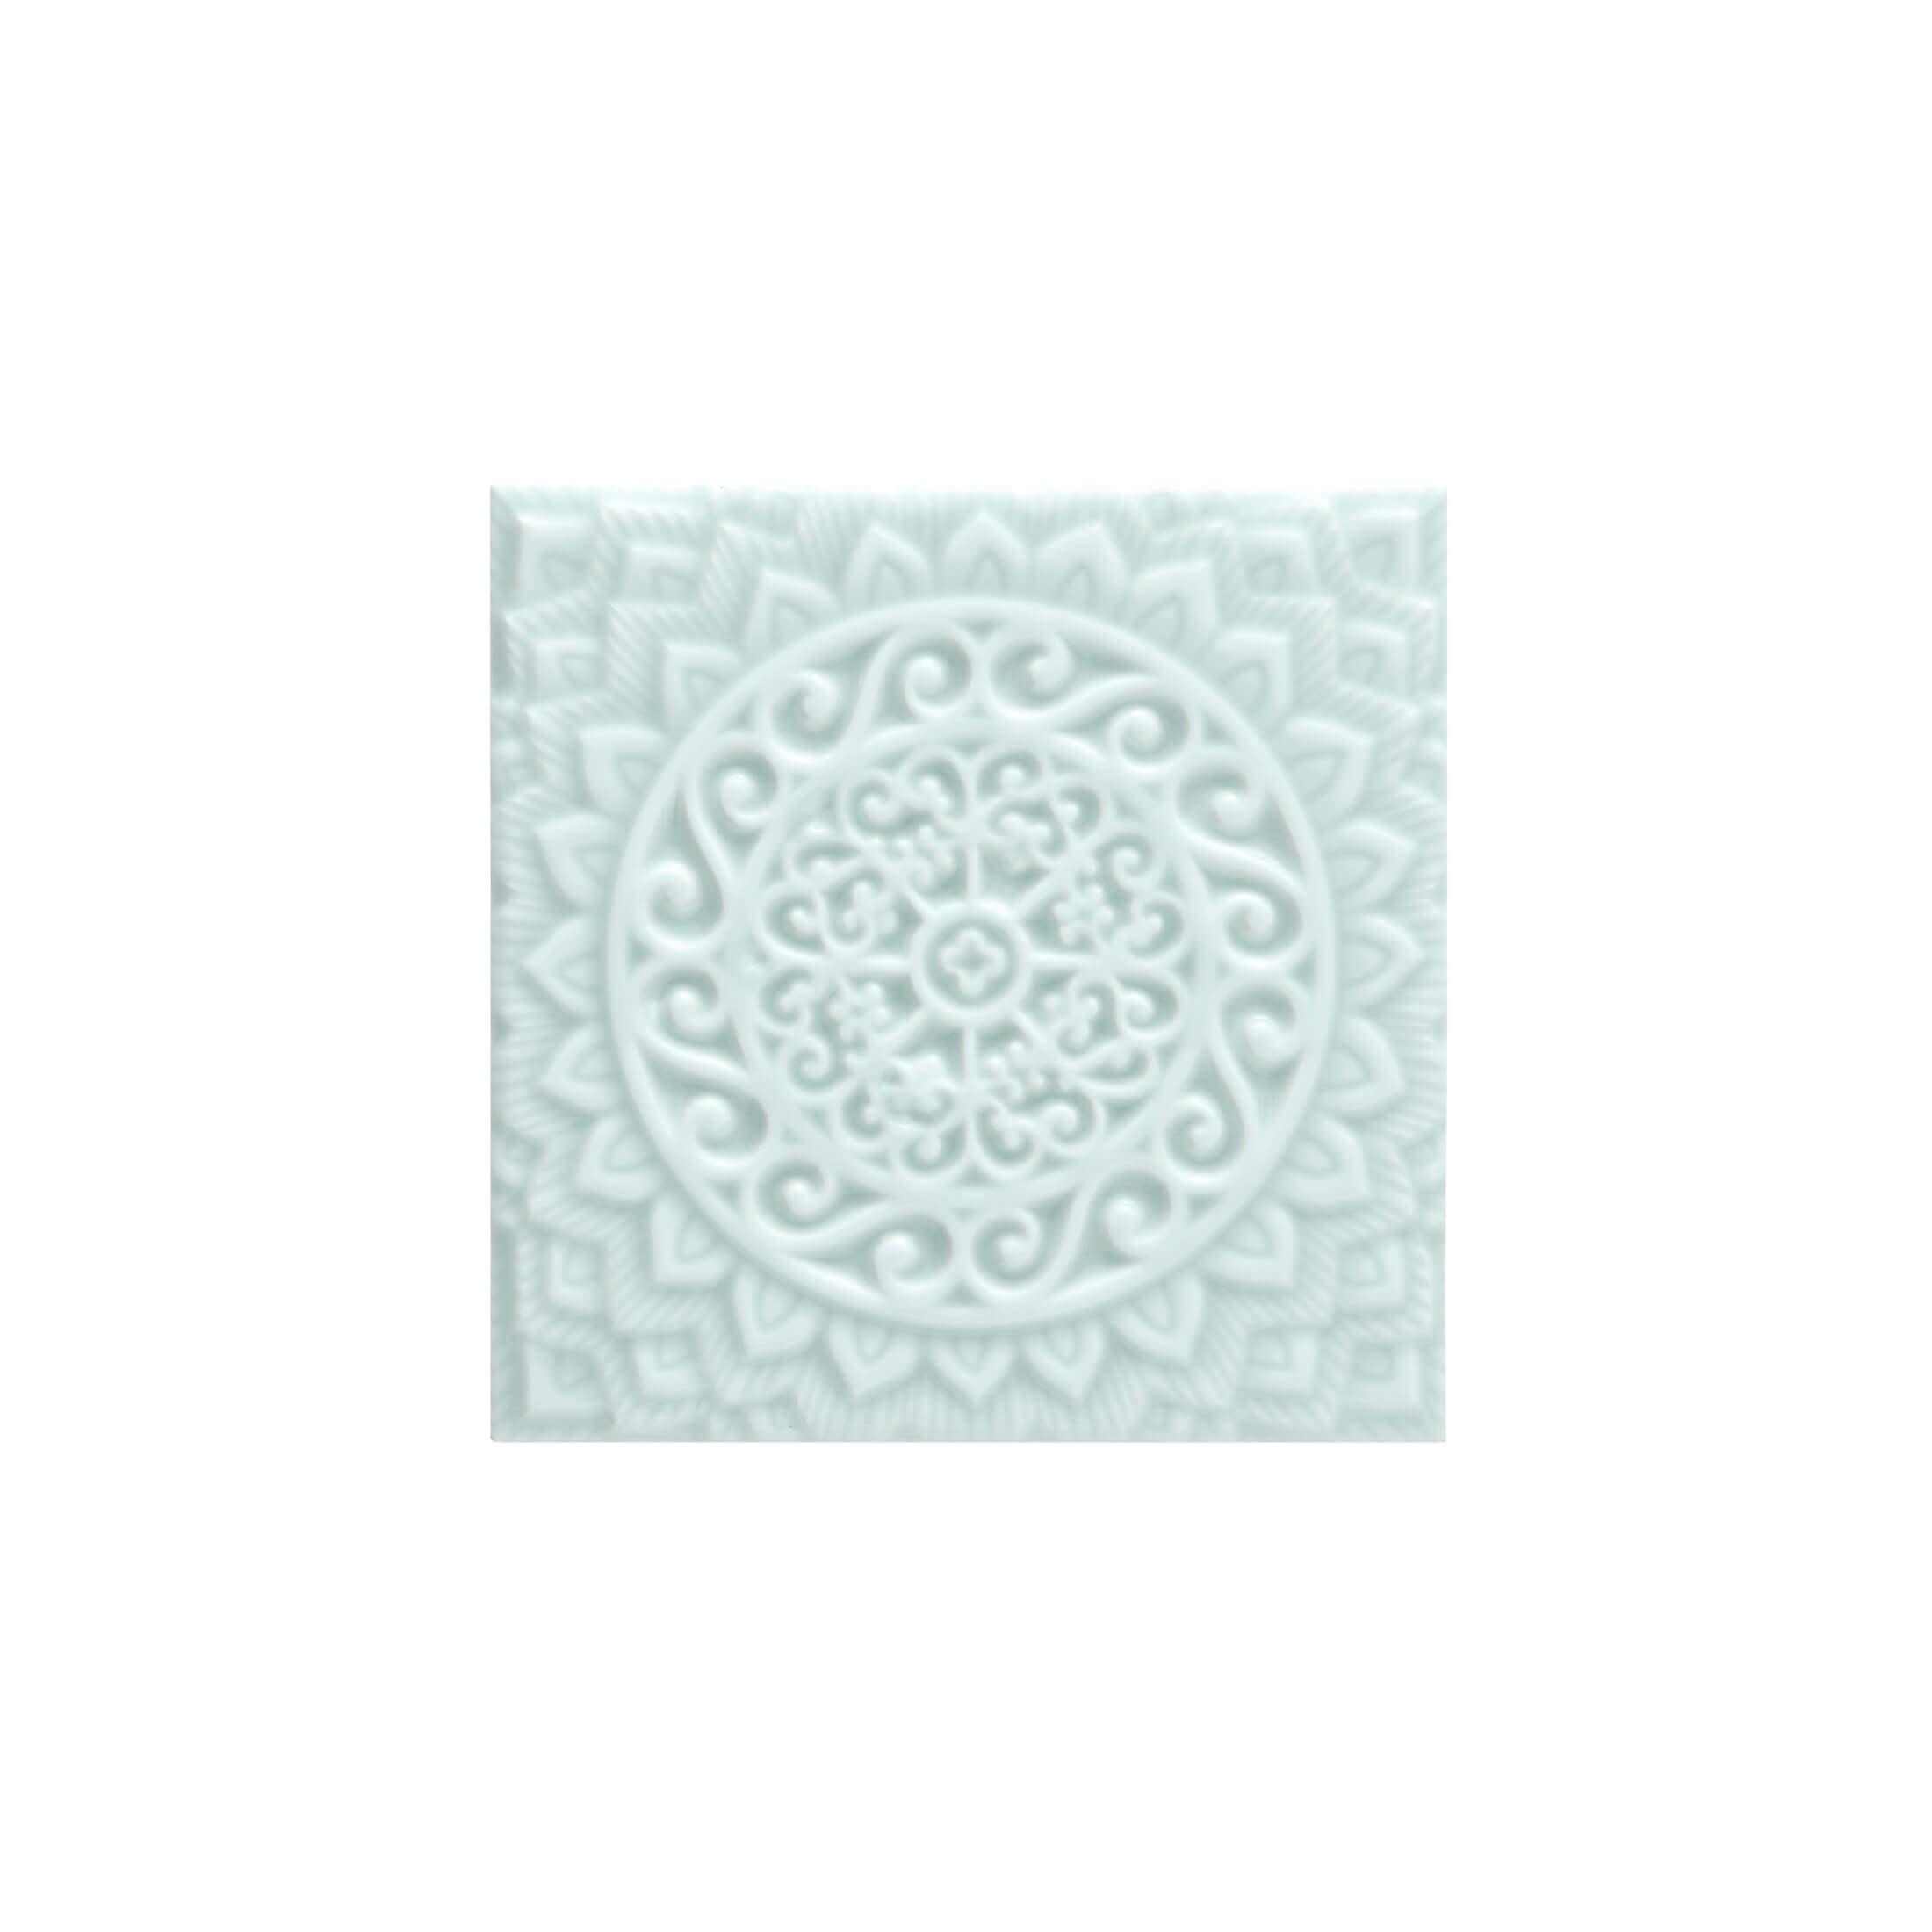 ADST4104 - RELIEVE MANDALA UNIVERSE - 14.8 cm X 14.8 cm